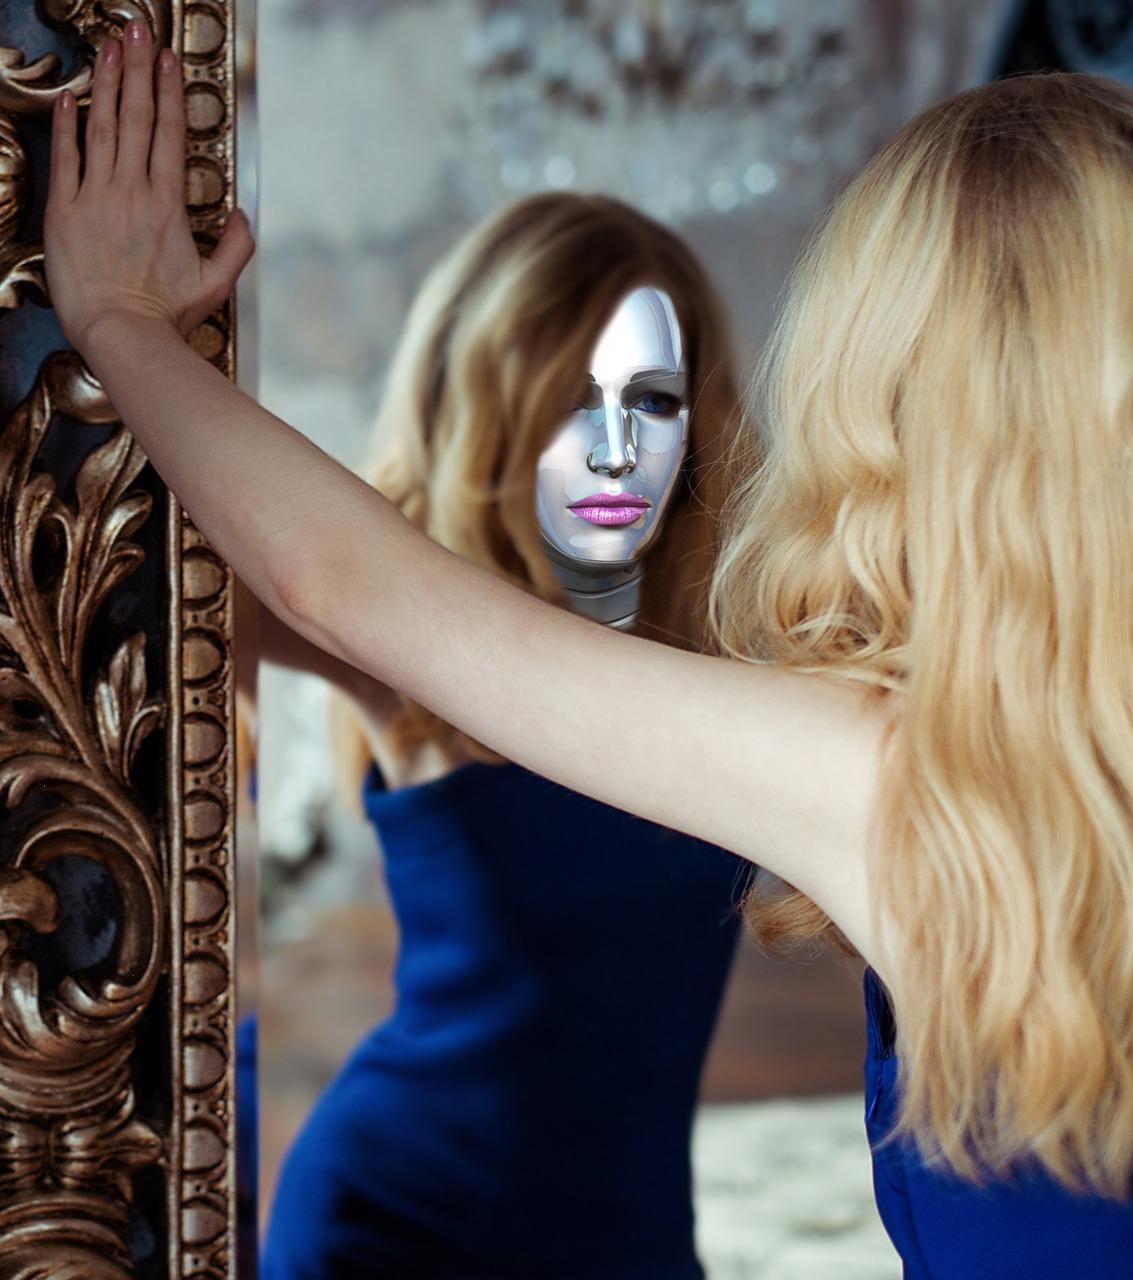 wat blijft er over van je identiteit bij chronische ziekte